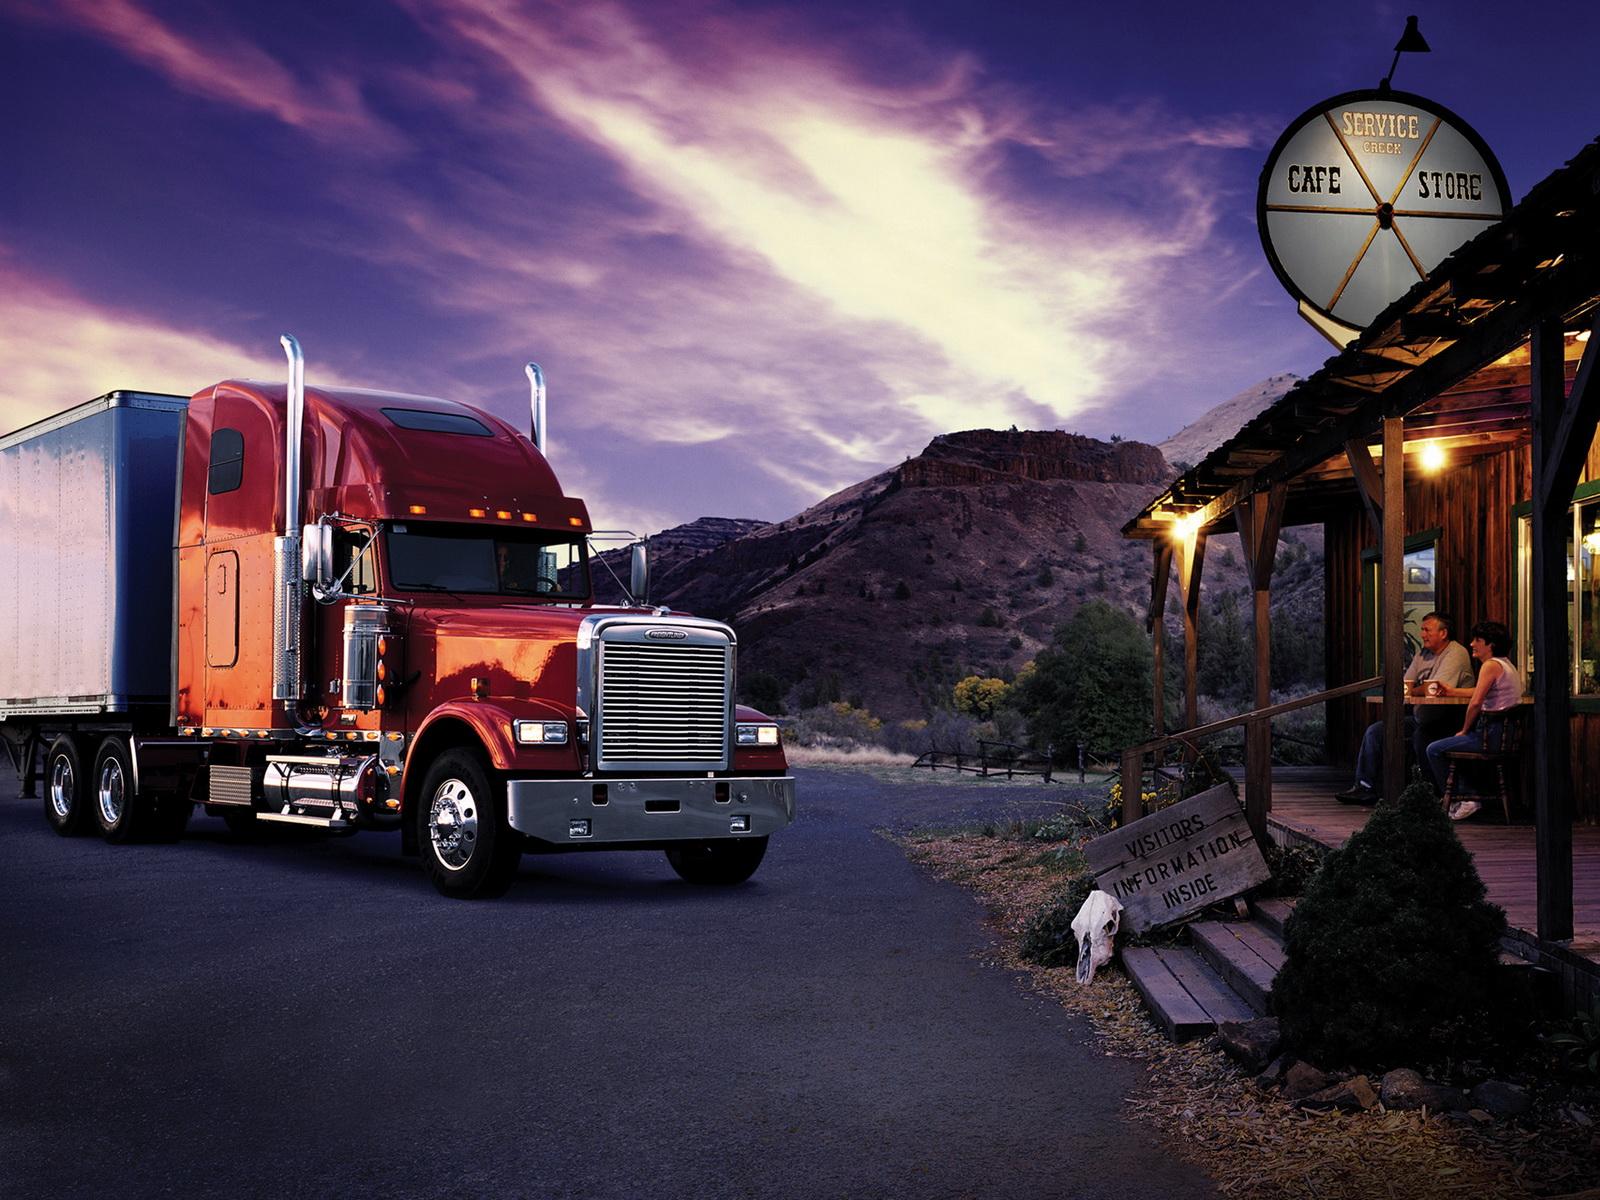 Autos Camiones Fondos De Pantalla Gratis: Imagenes Hilandy: Fondo De Pantalla Camion En Parada